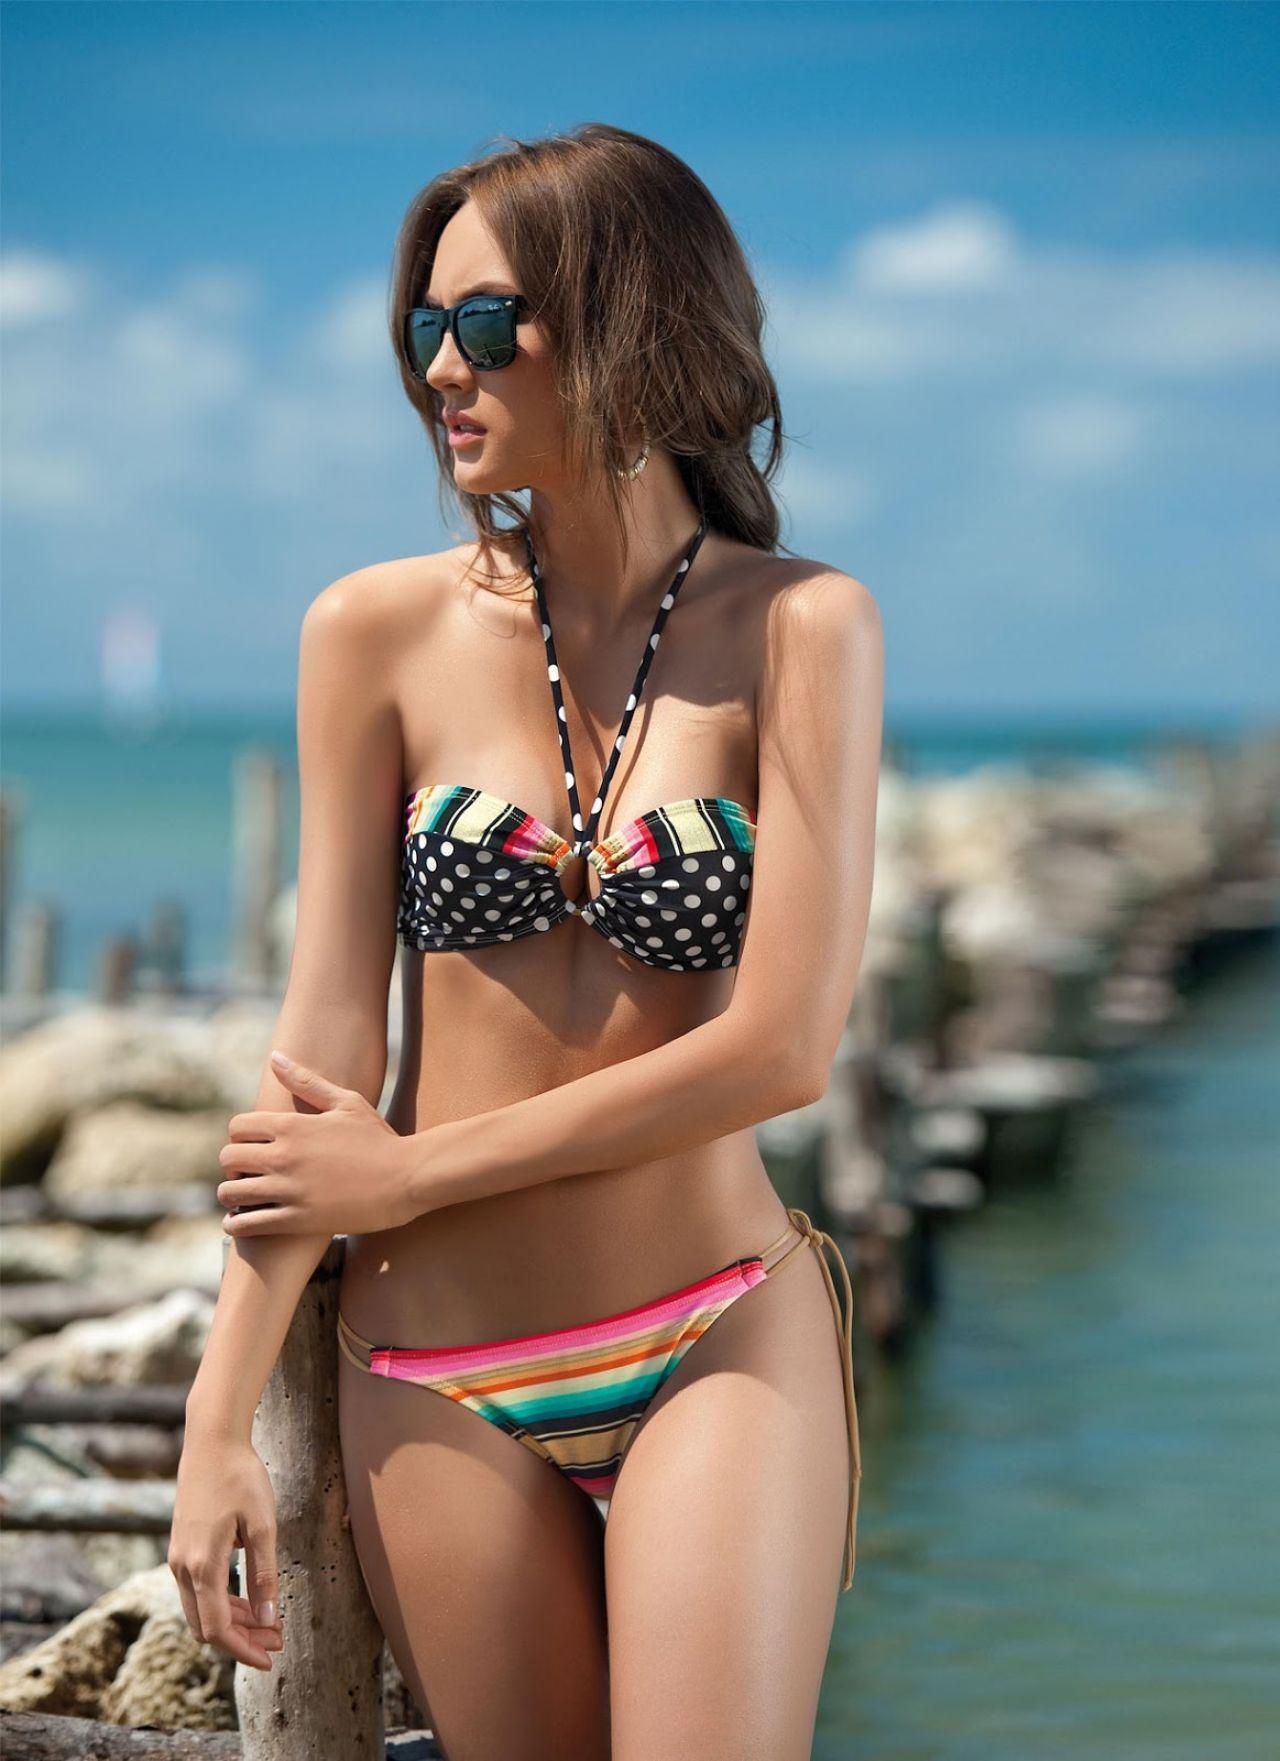 roselyn sanchez im bikini